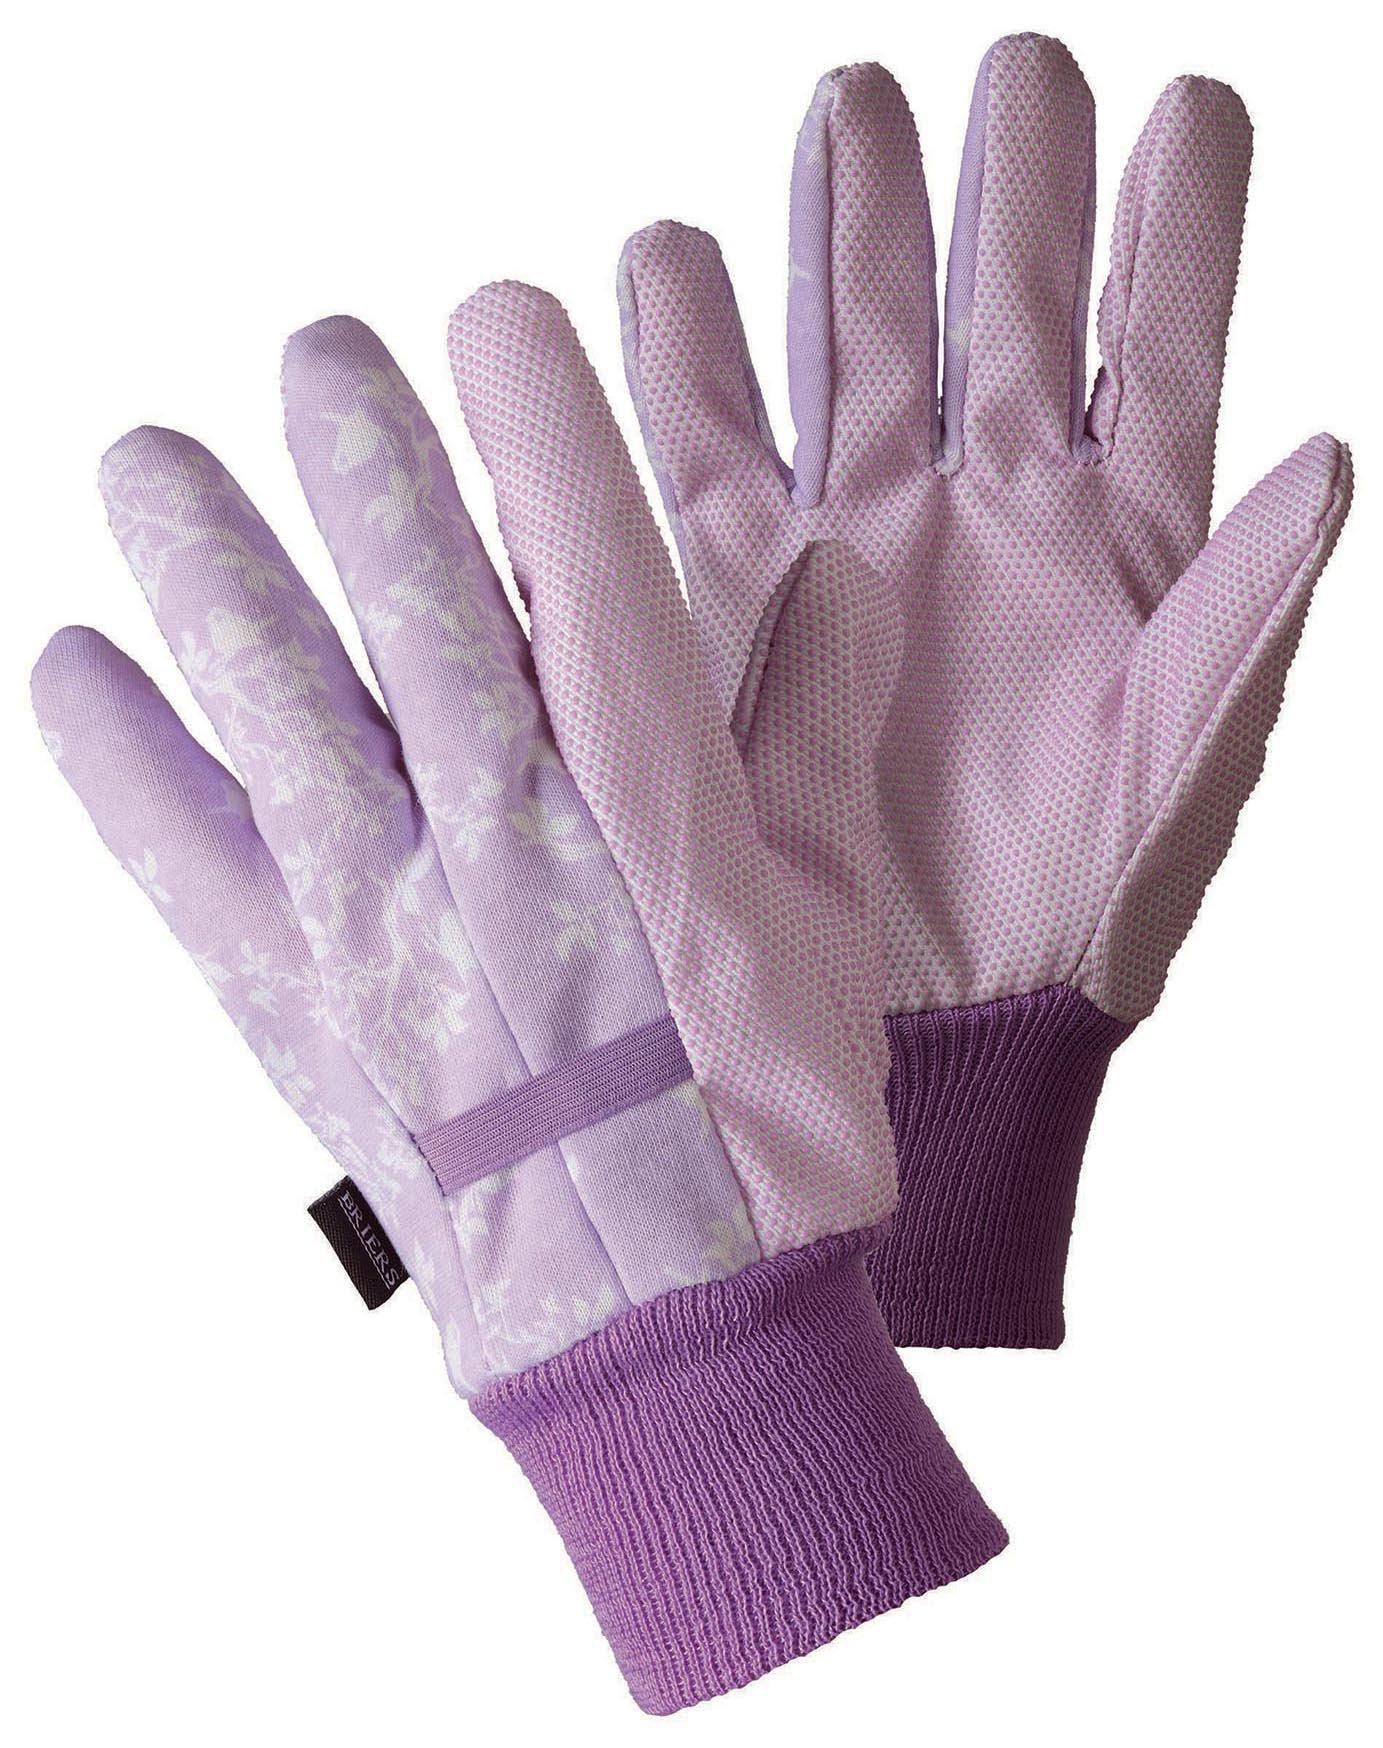 Briers Bird Branches Water Repellent Gardening Gloves